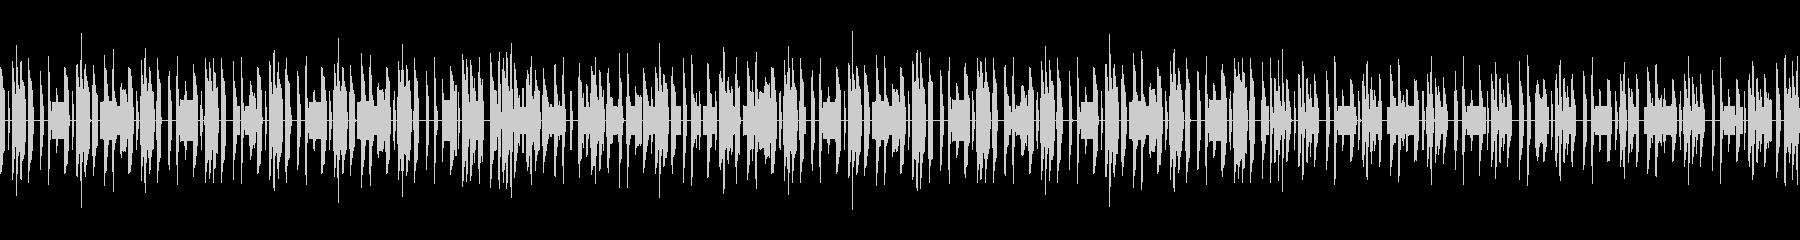 素朴な雰囲気のチップチューン楽曲の未再生の波形